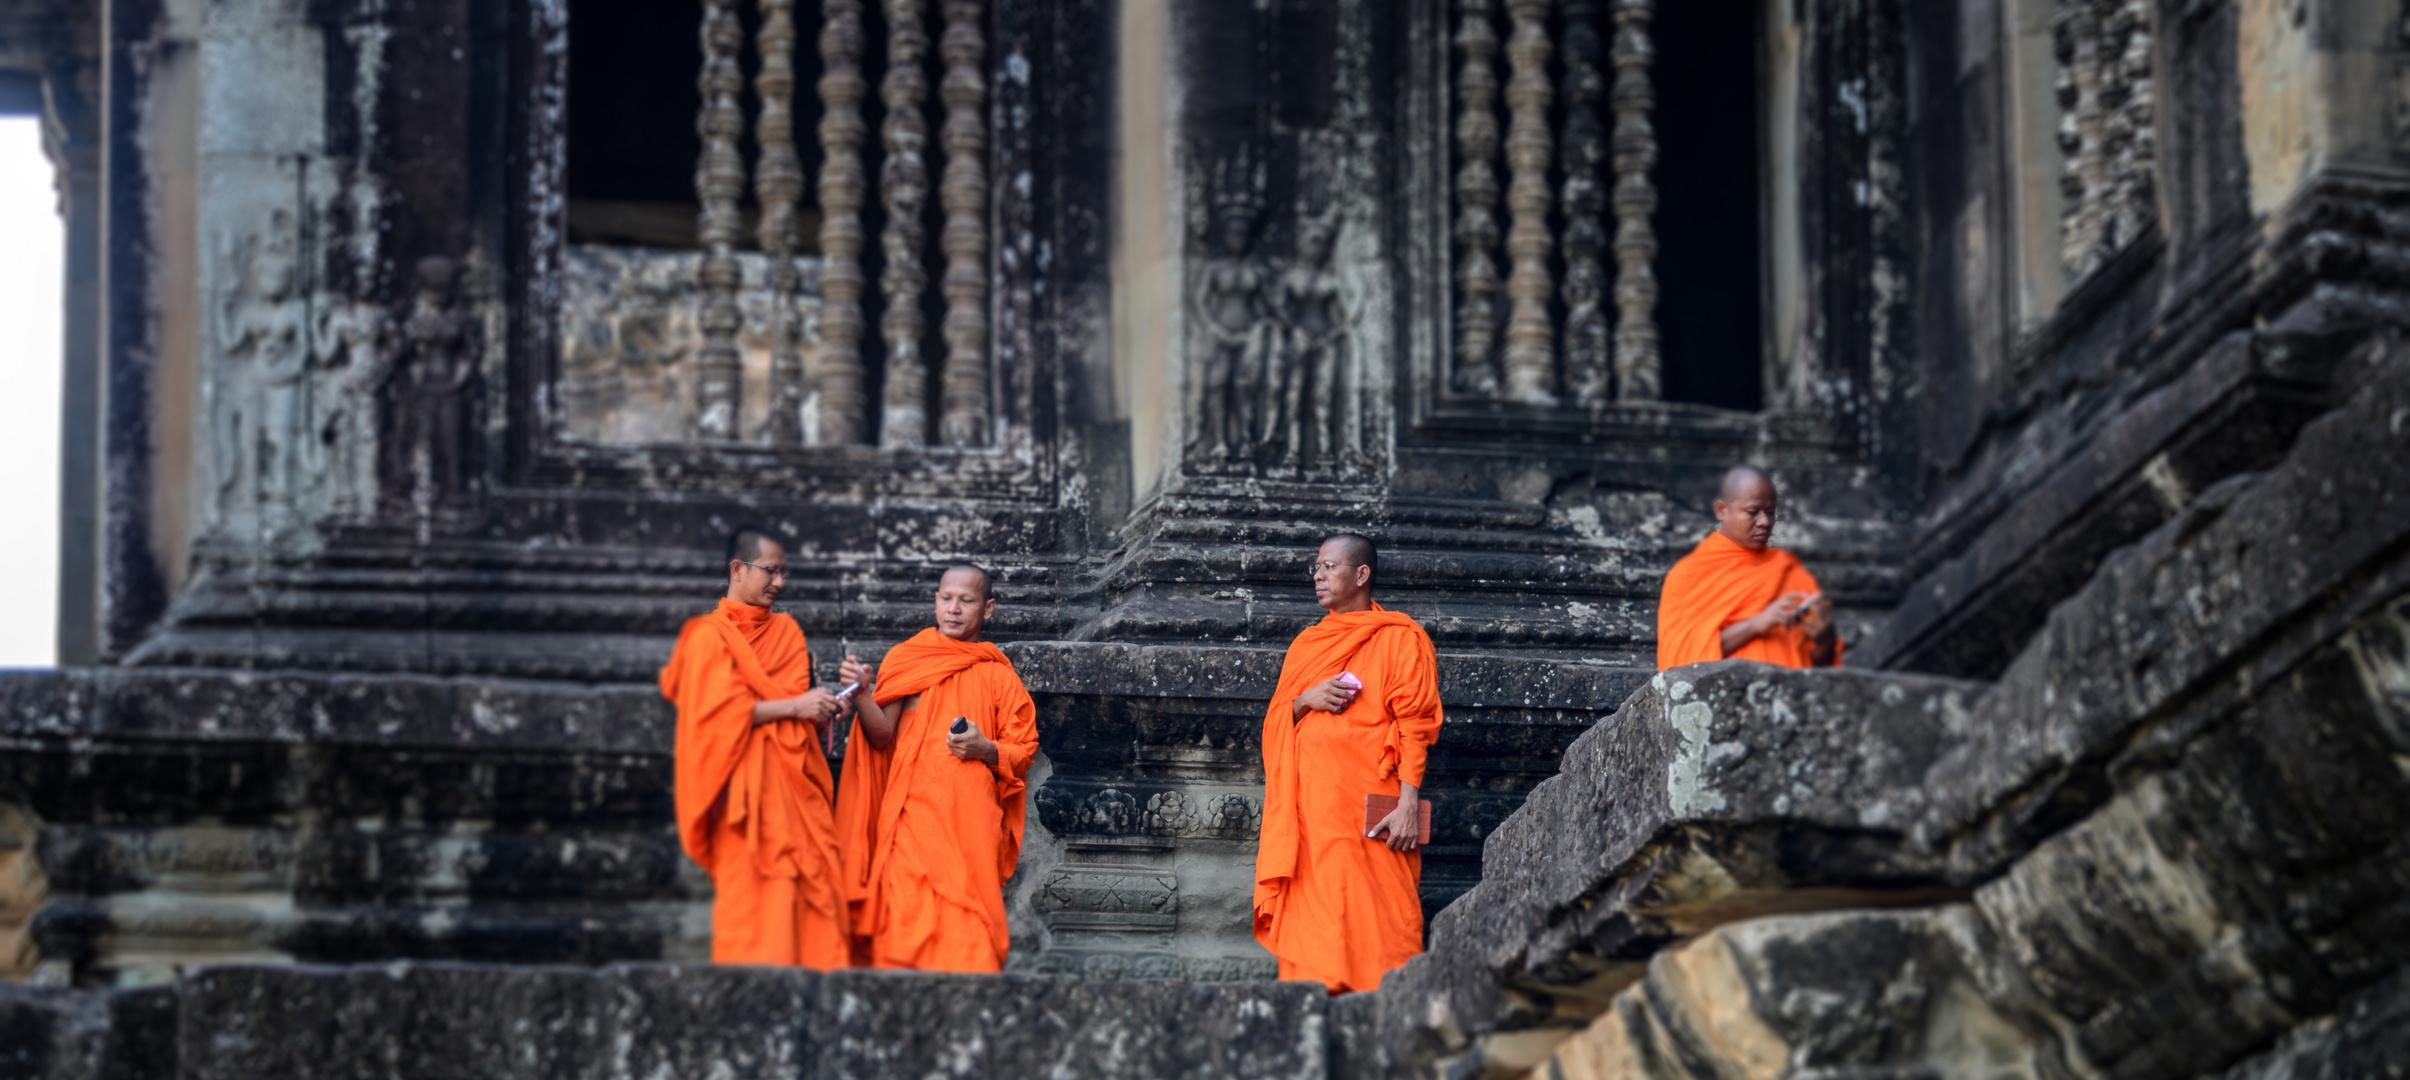 Mönche und die Technik